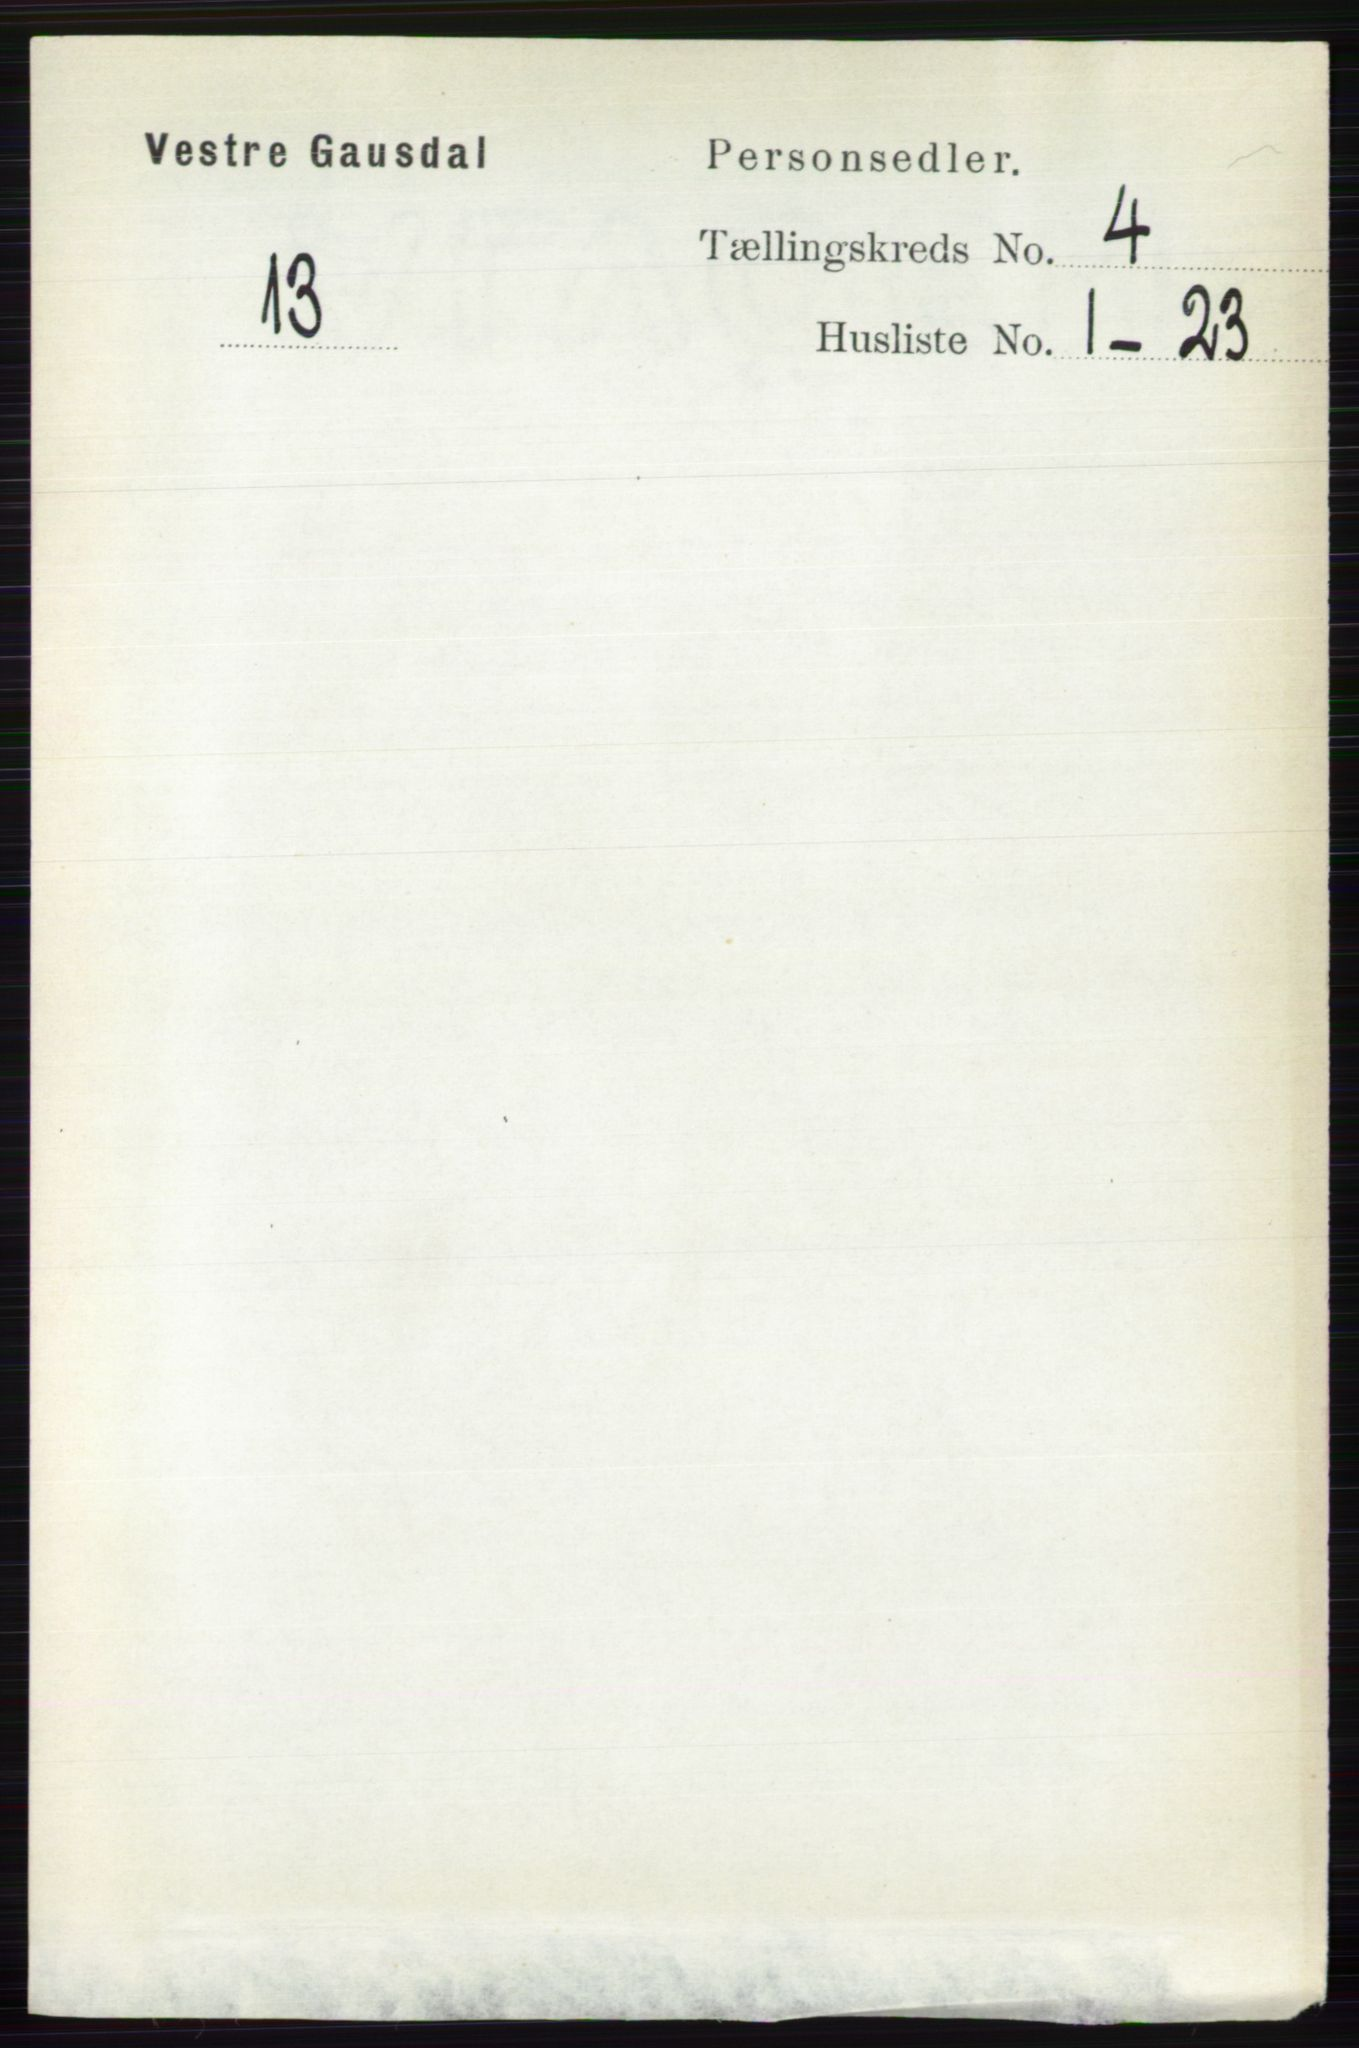 RA, Folketelling 1891 for 0523 Vestre Gausdal herred, 1891, s. 1710